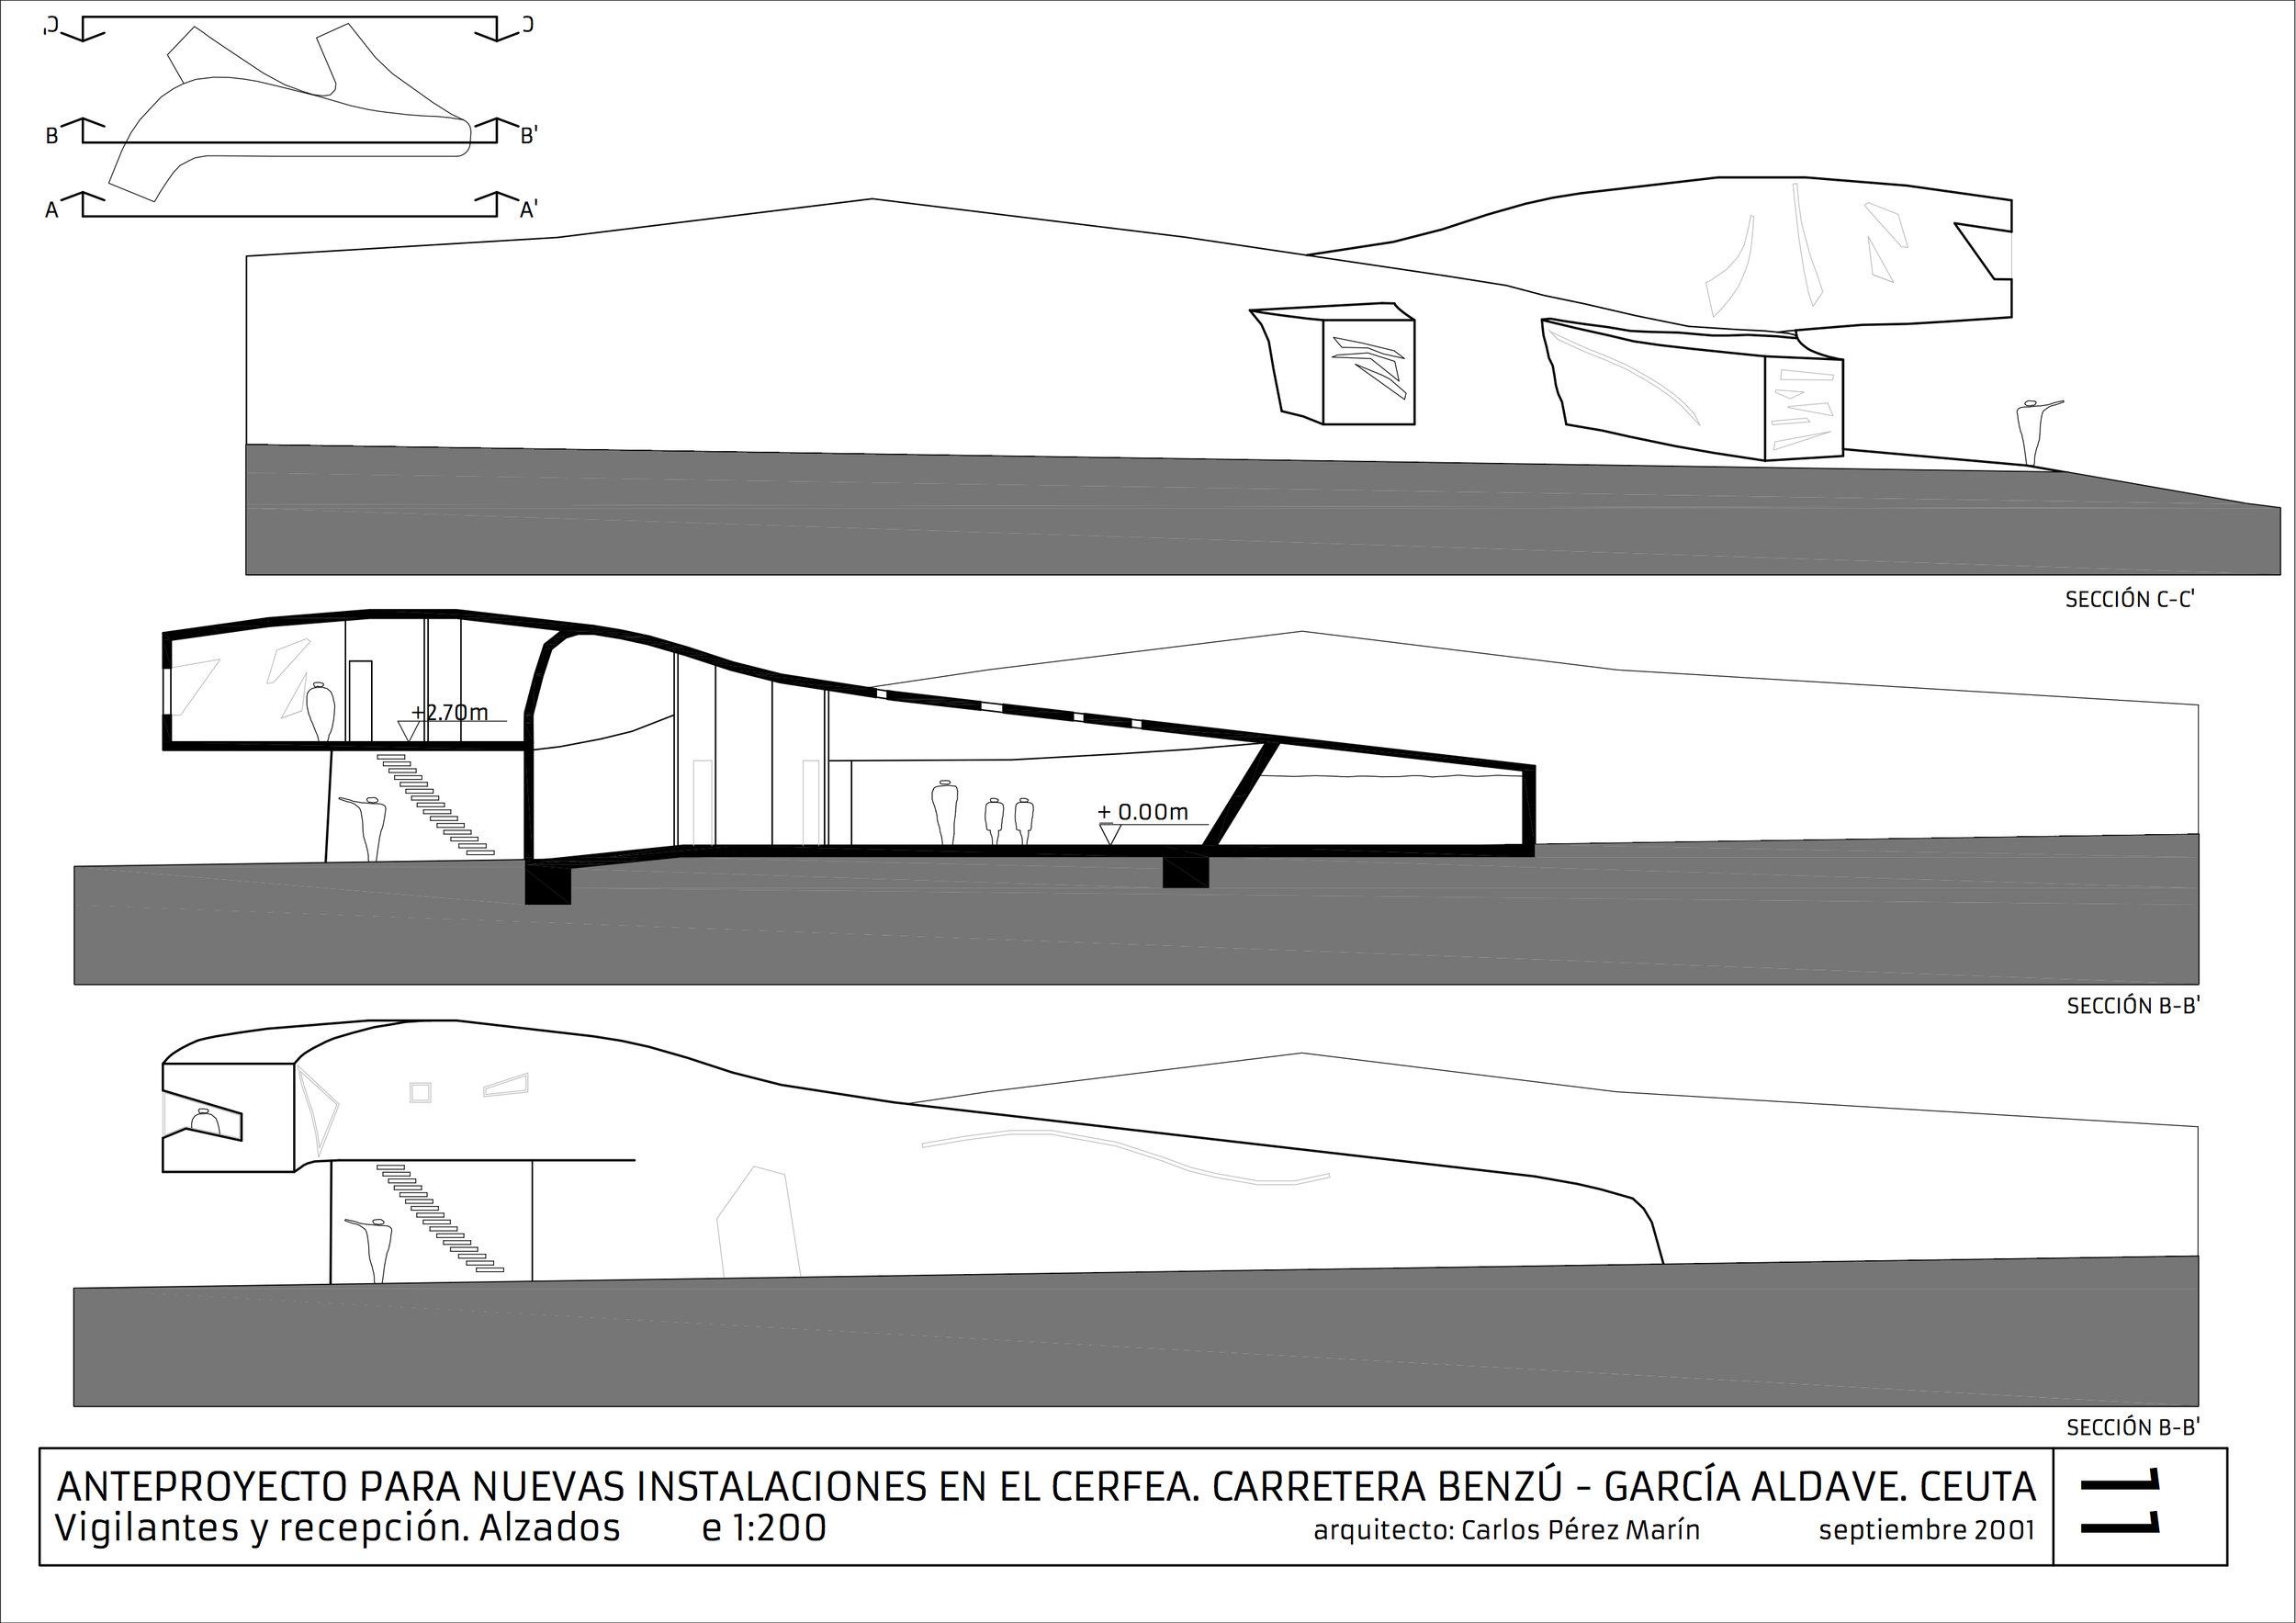 CERFEA 02 VIGILATES 02.jpg